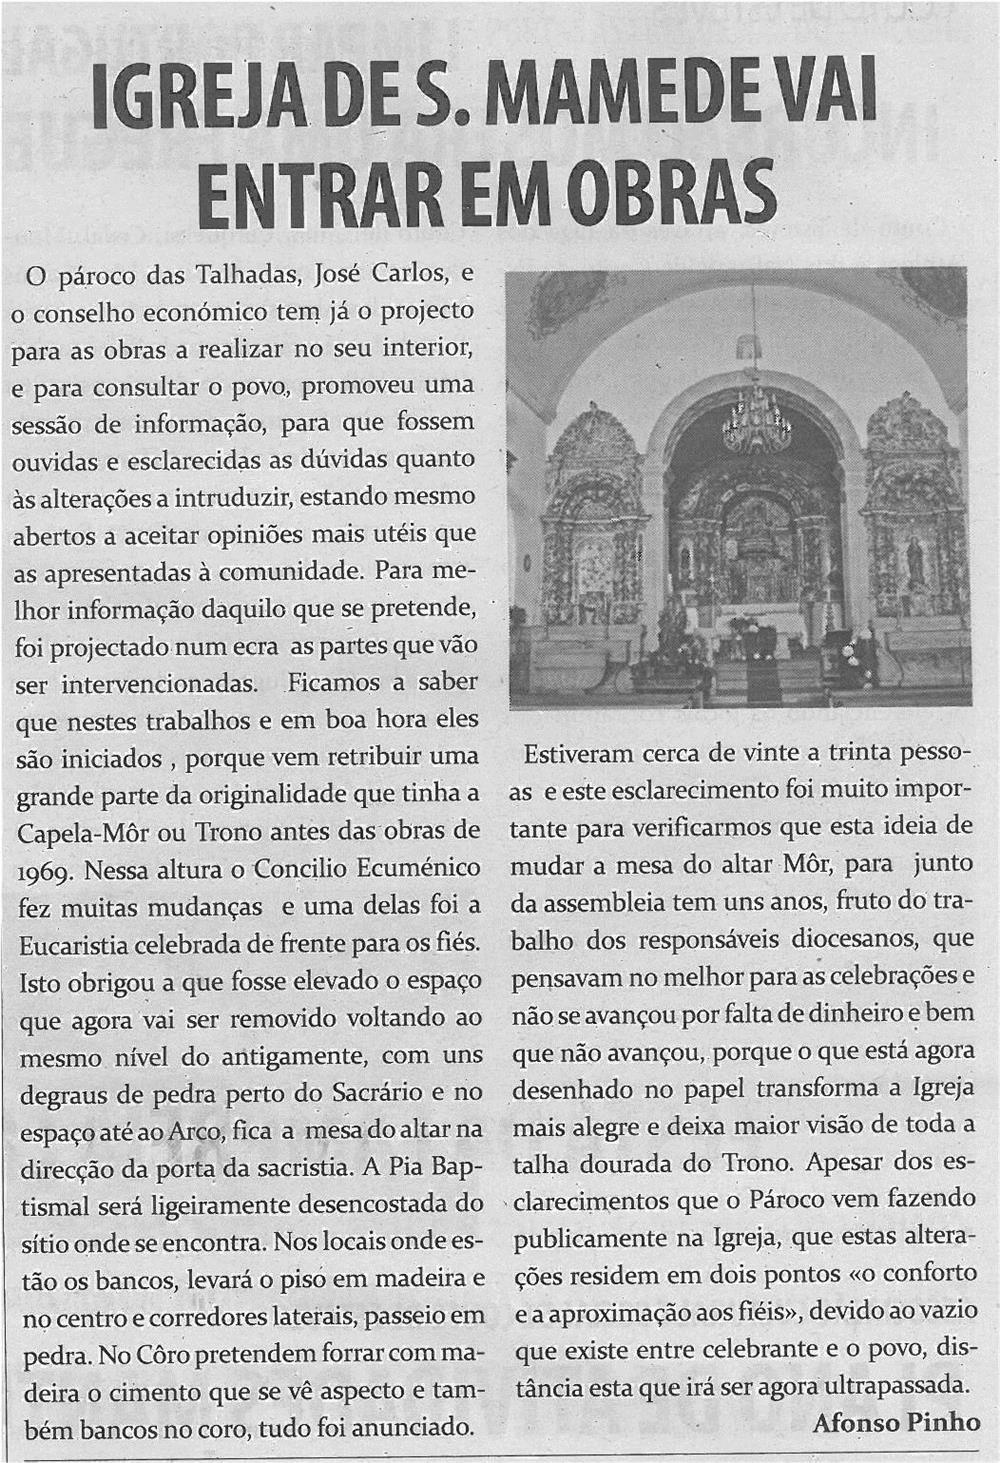 TV-abr13-p8-Igreja de S. Mamede vai entrar em obras